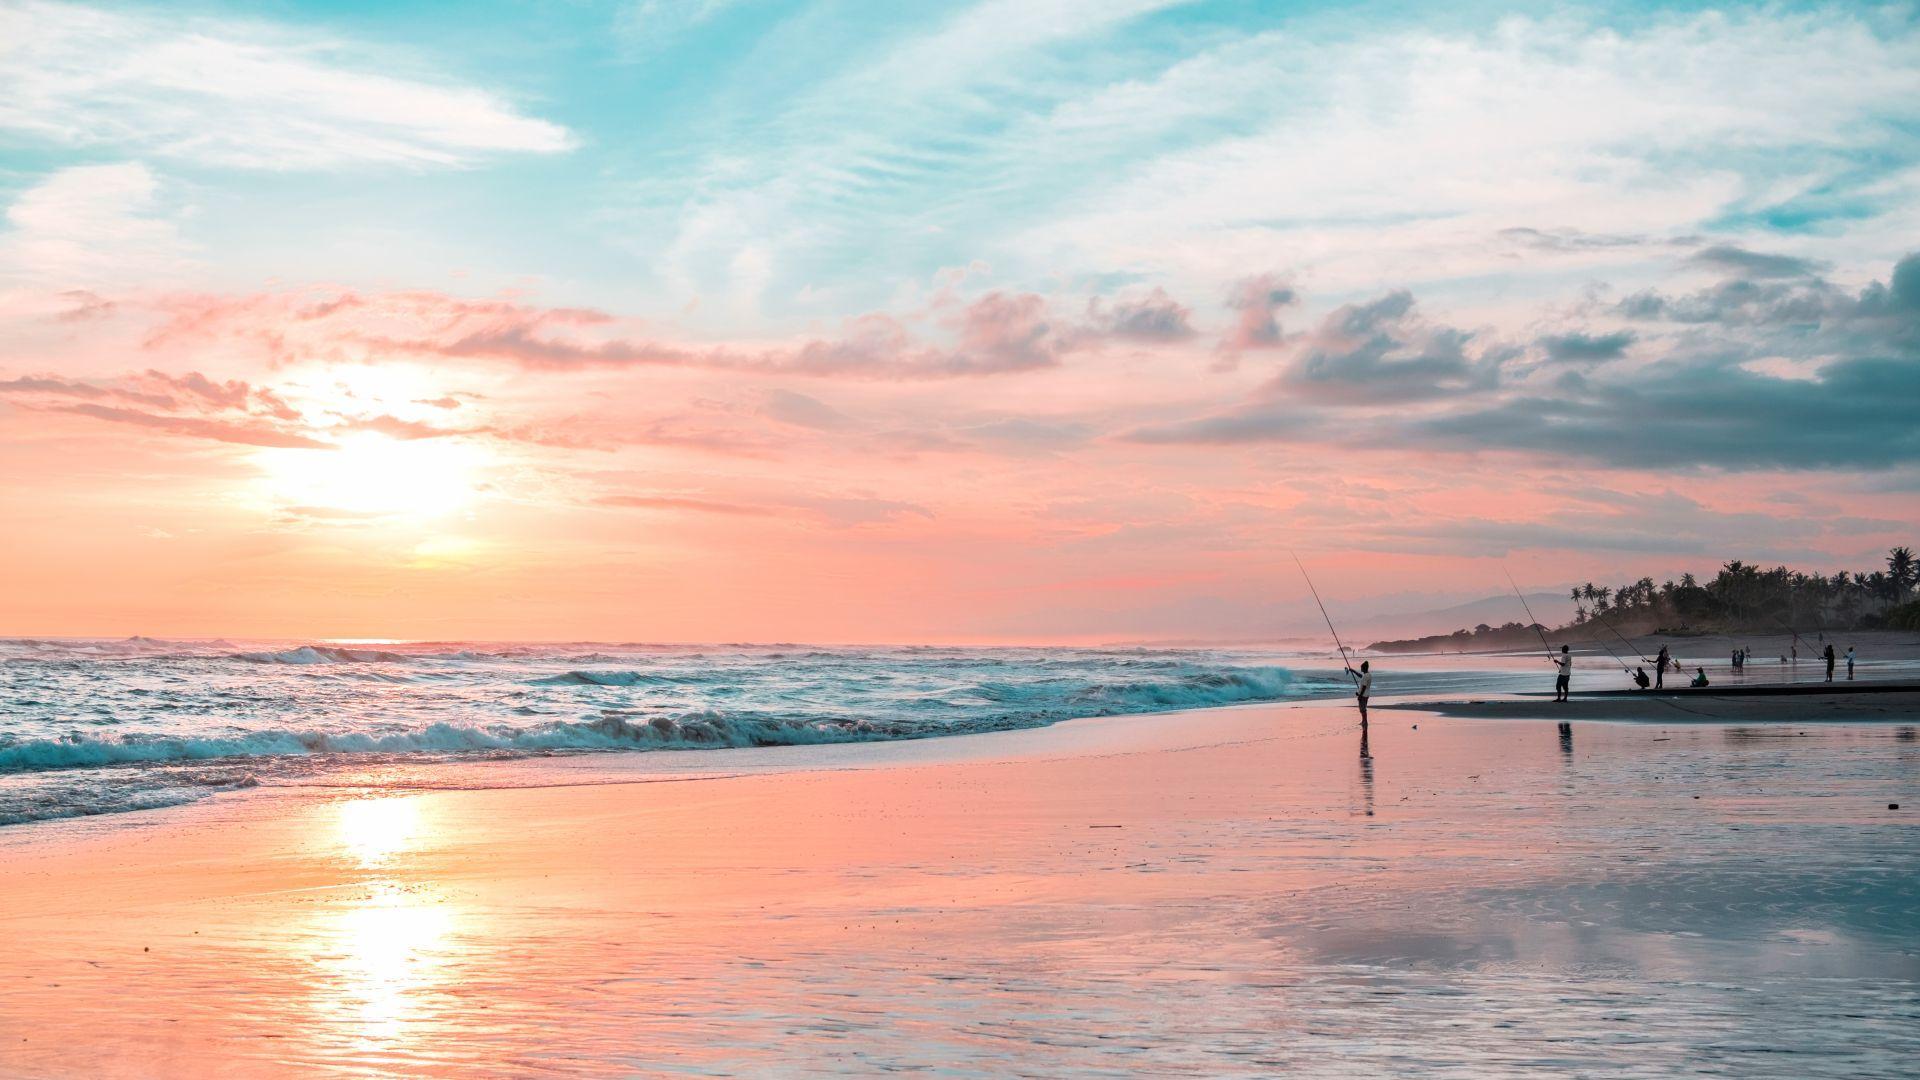 Kedungu Beach - Tanah Lot Surf Spots